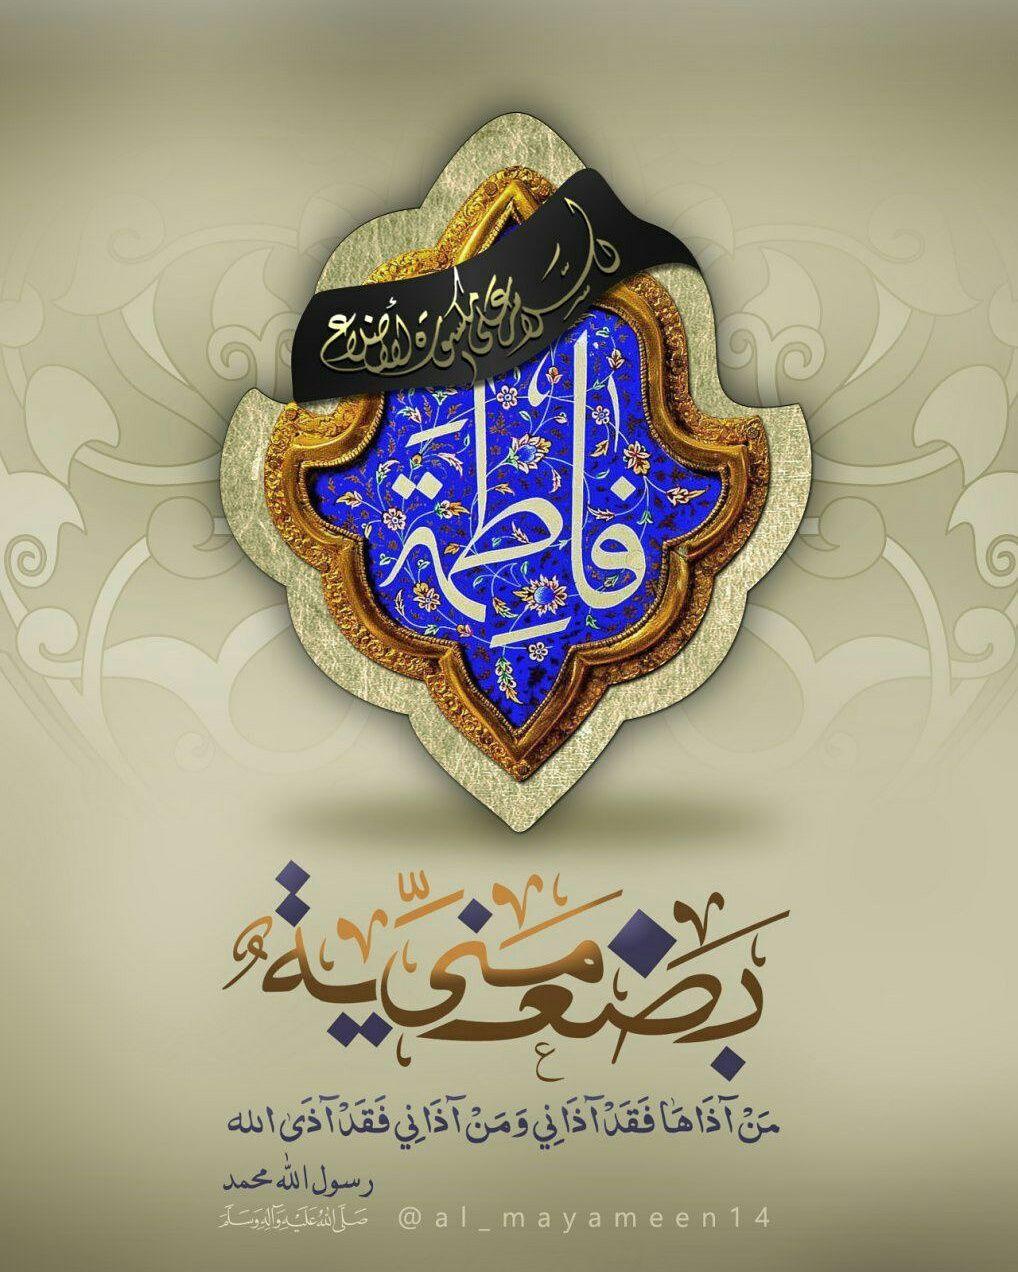 یا مولاتی یا فاطمه اغیثینی Islamic Art Islamic Calligraphy Islamic Patterns